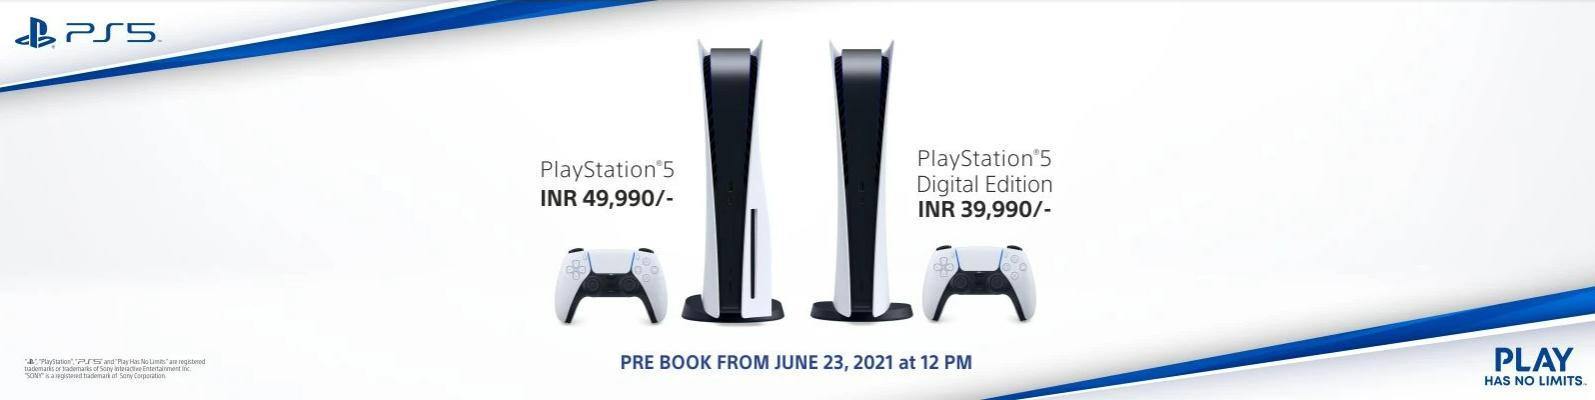 sony_ps5_playstation_5_restock_india